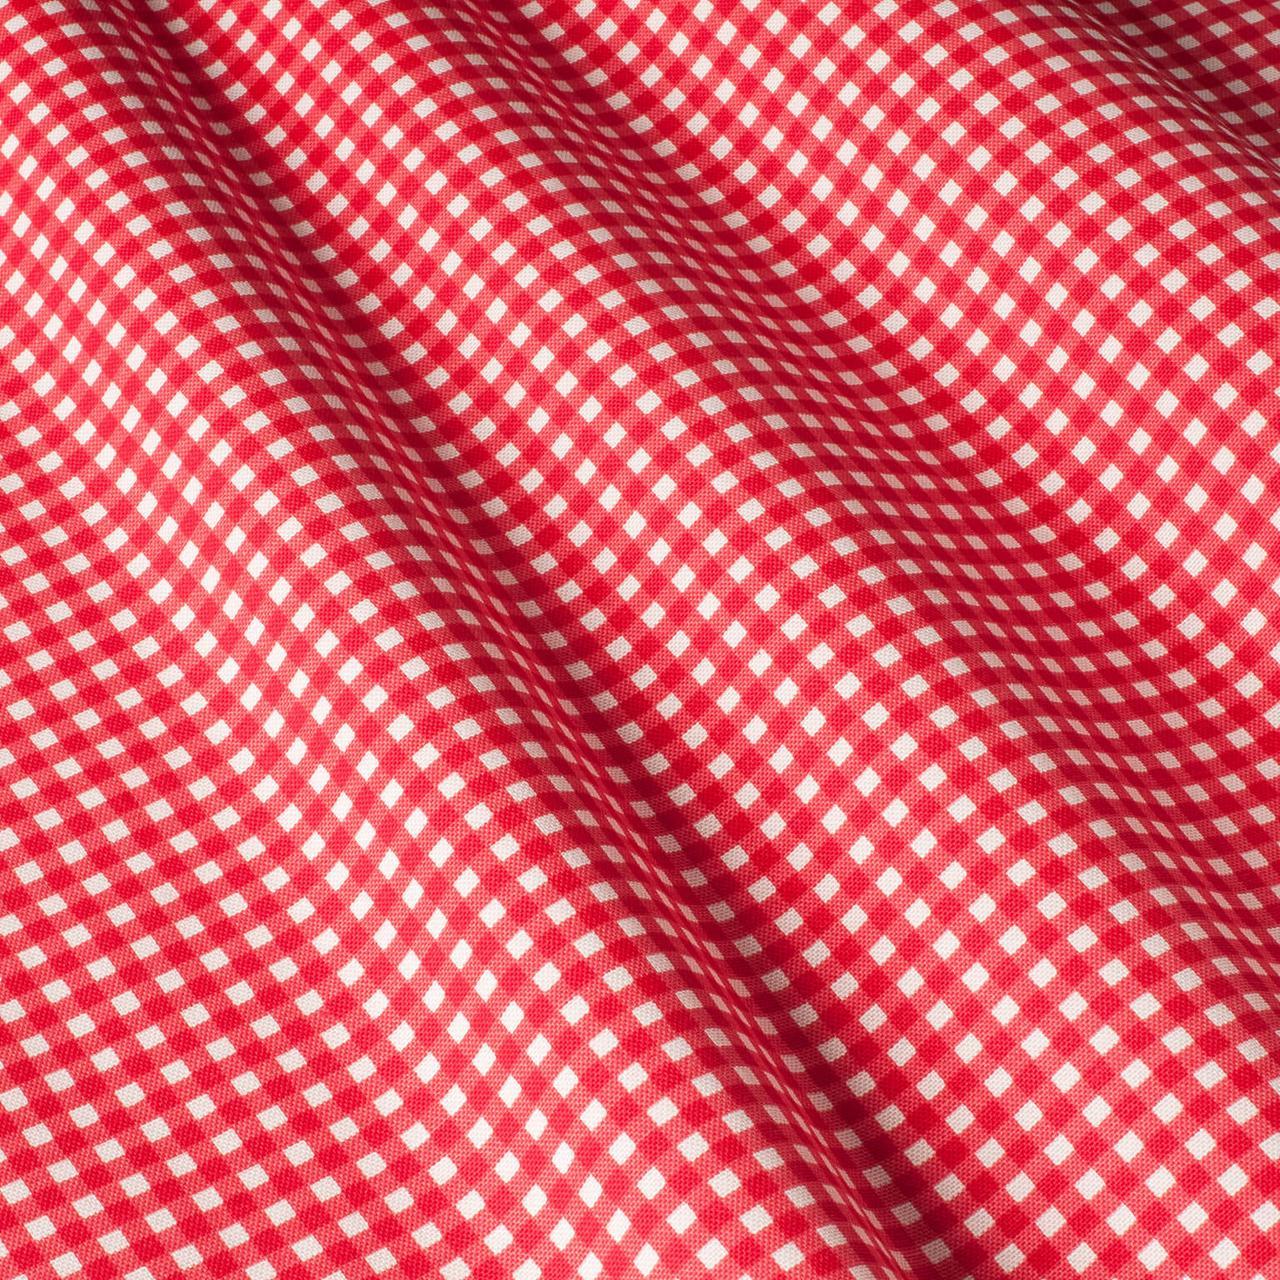 Ткань для штор и скатертей Teflon 83182 v 15